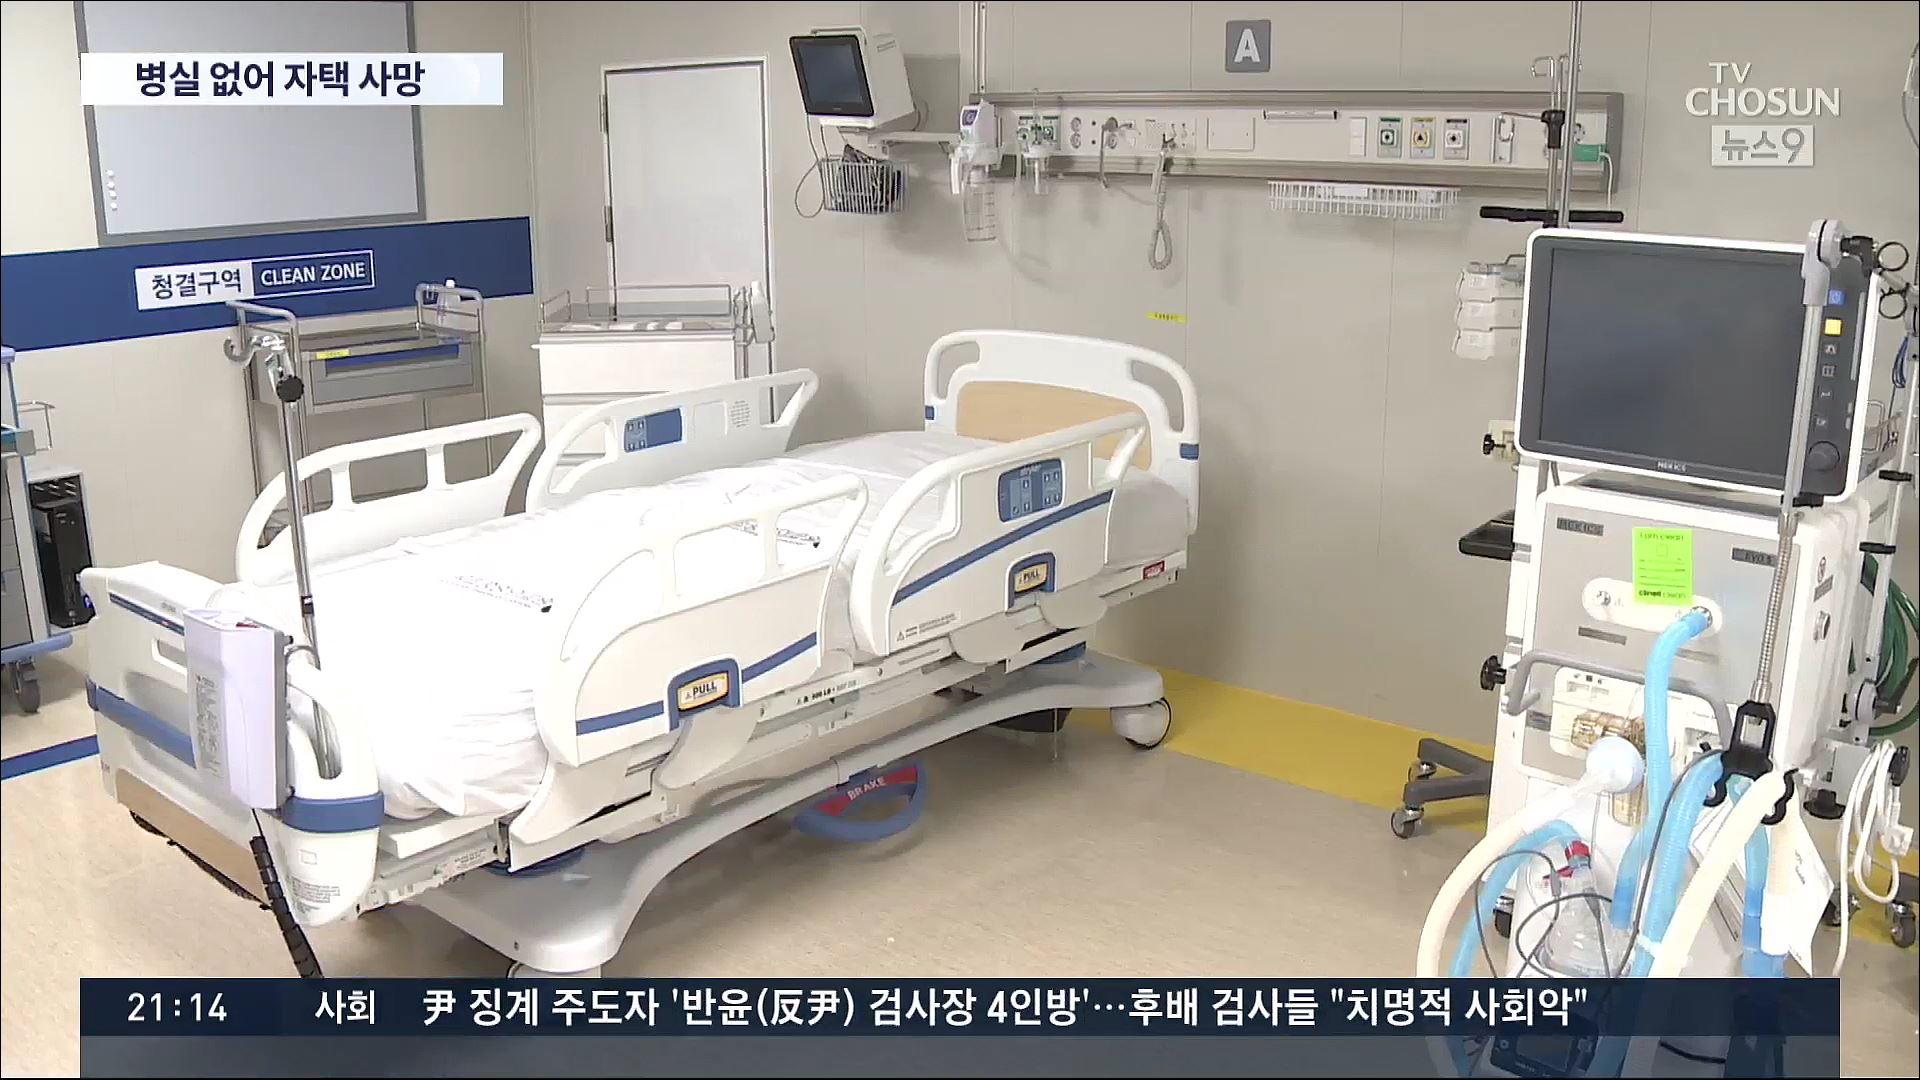 서울서 병상 대기 중 첫 사망…'두 차례 요청도 소용 없었다'